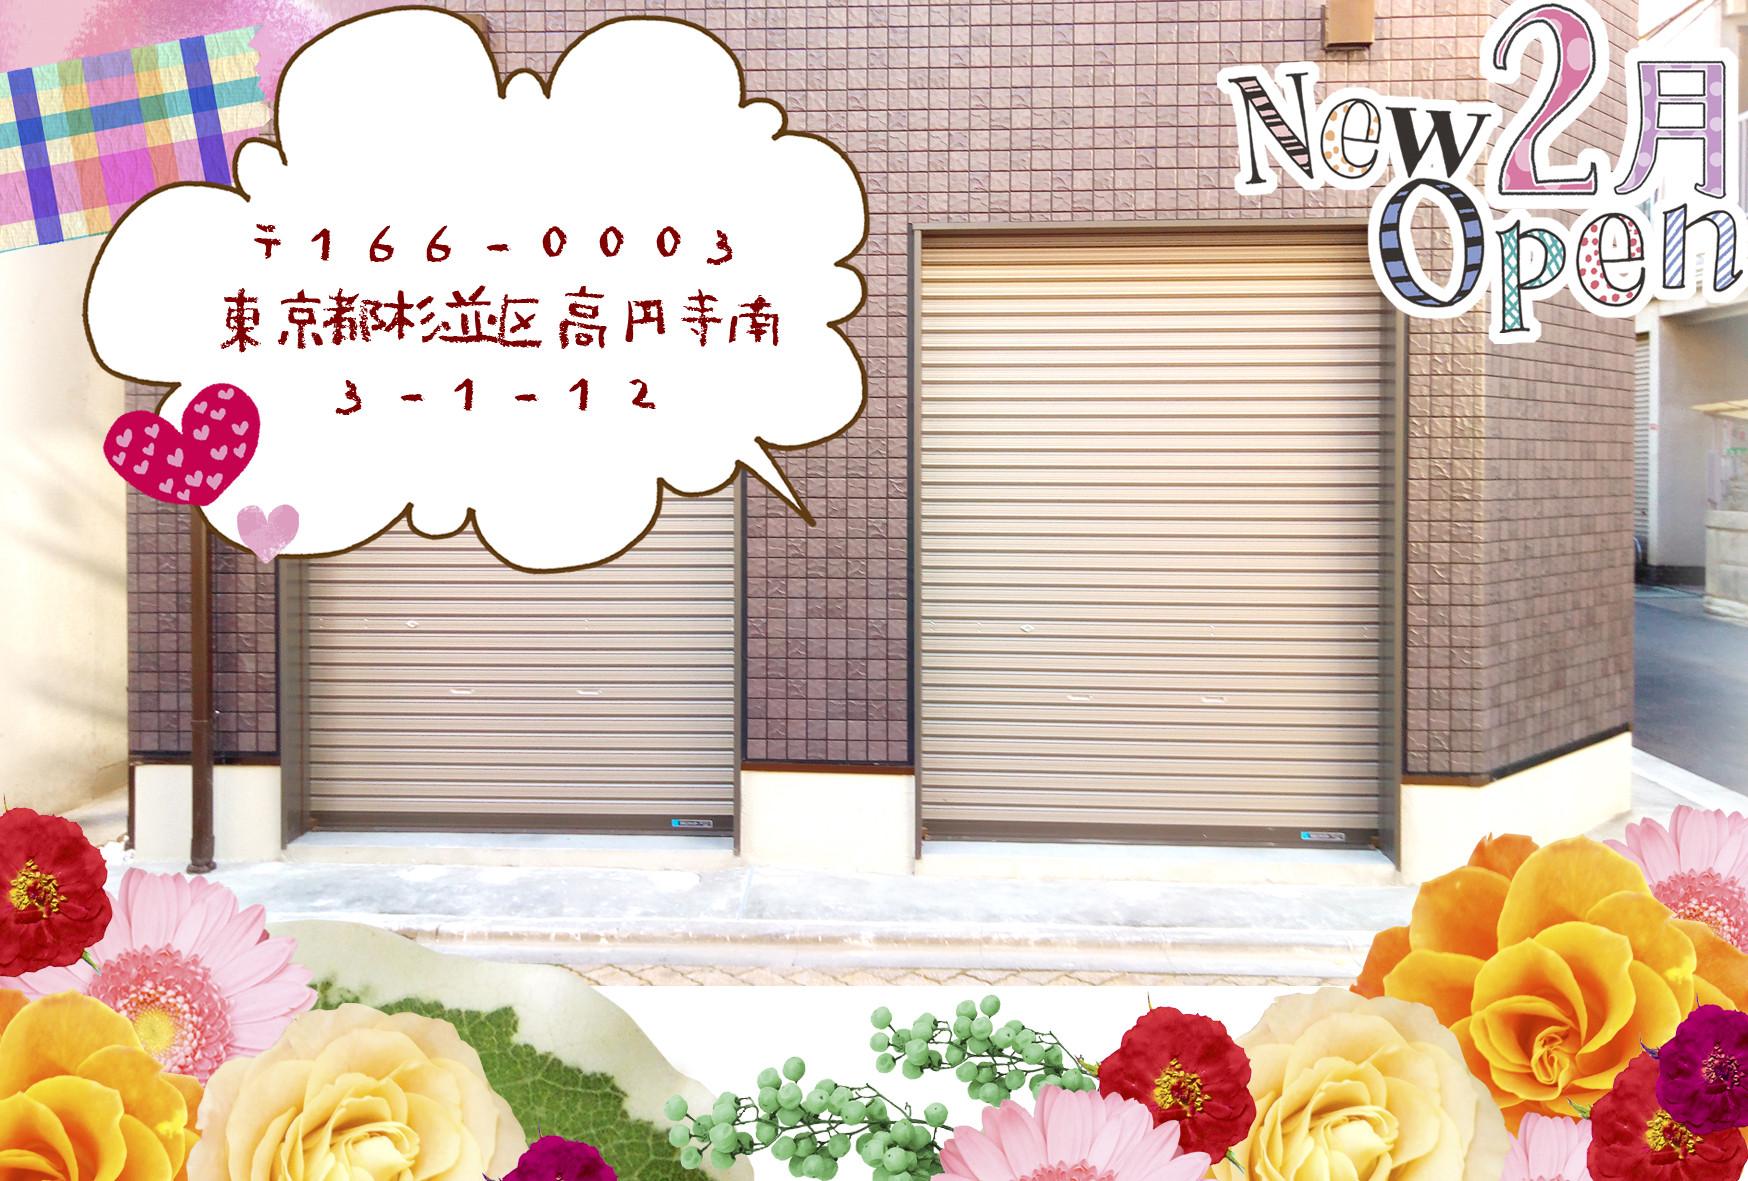 【レンタルBOX】クリエイター大募集!